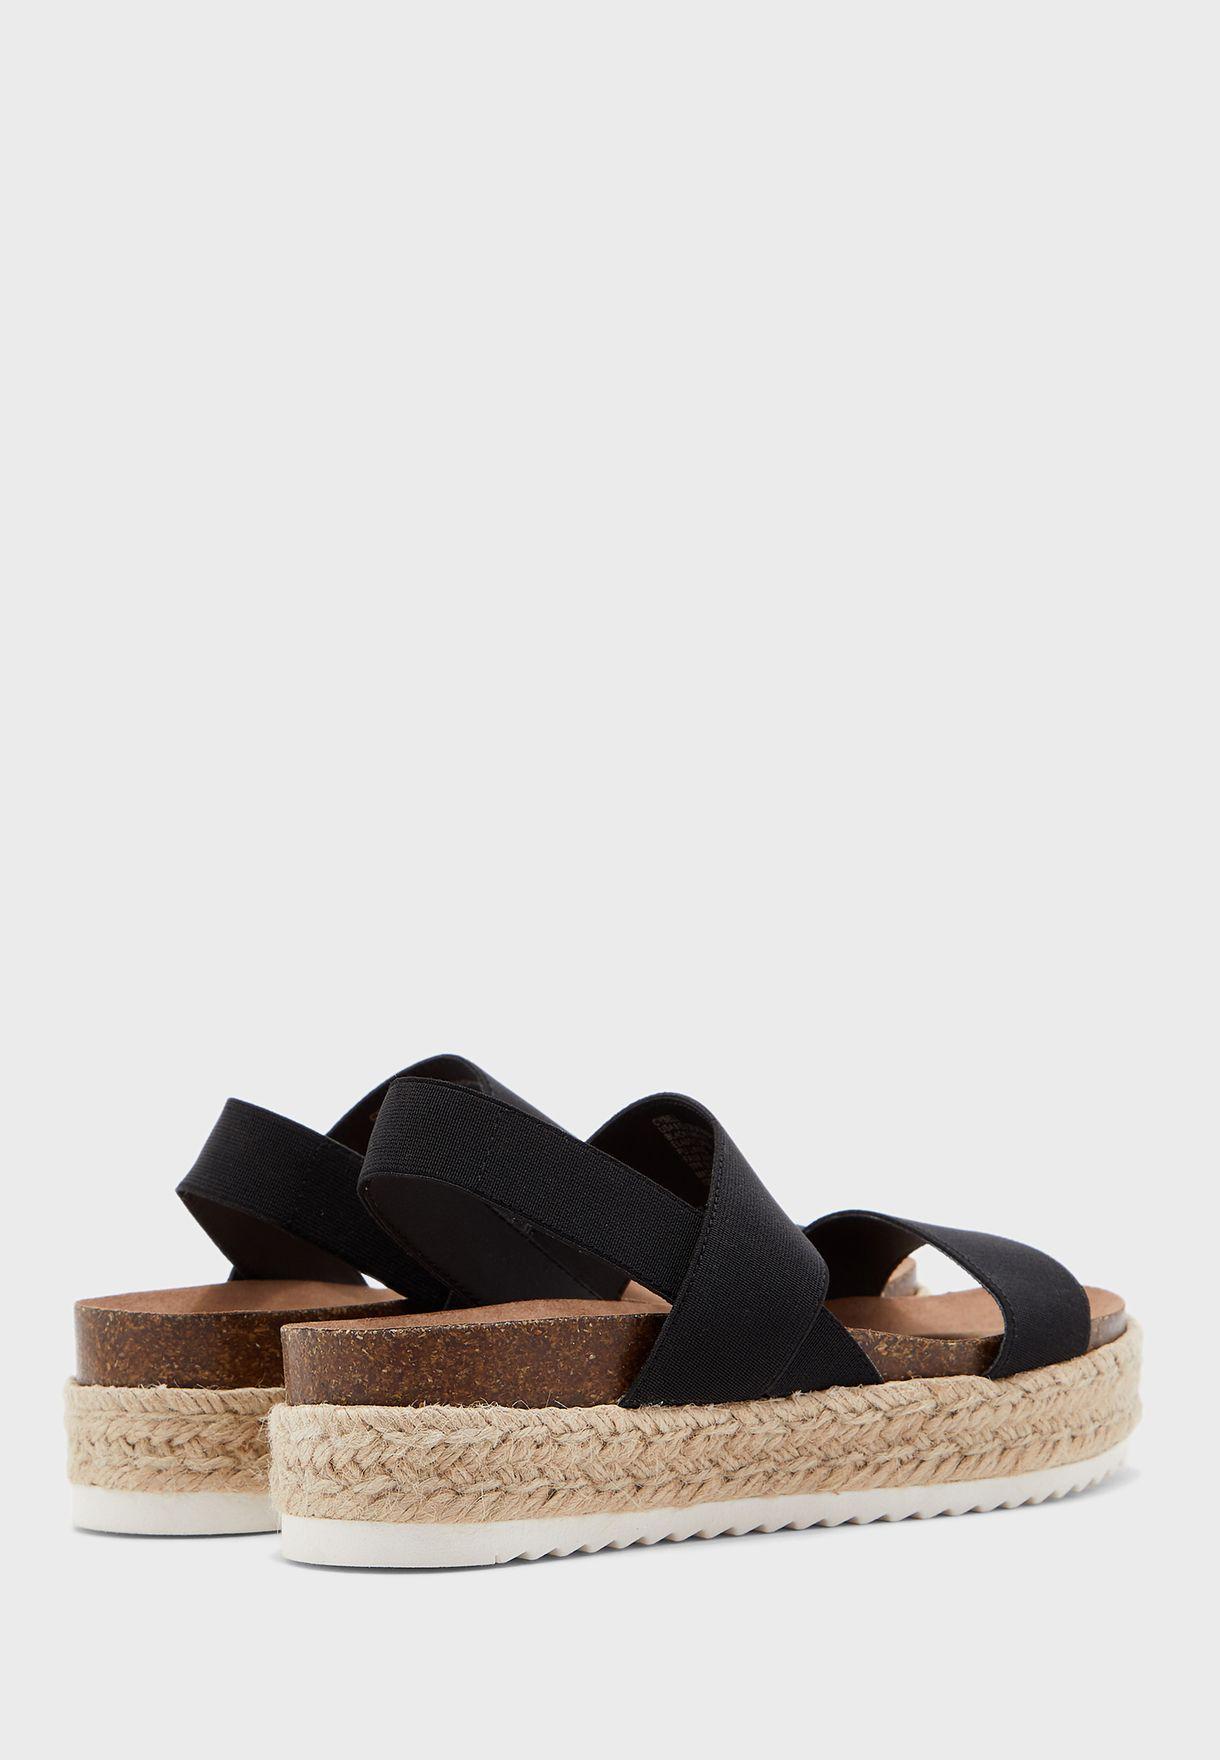 Cybell Slingback Wedge Sandal